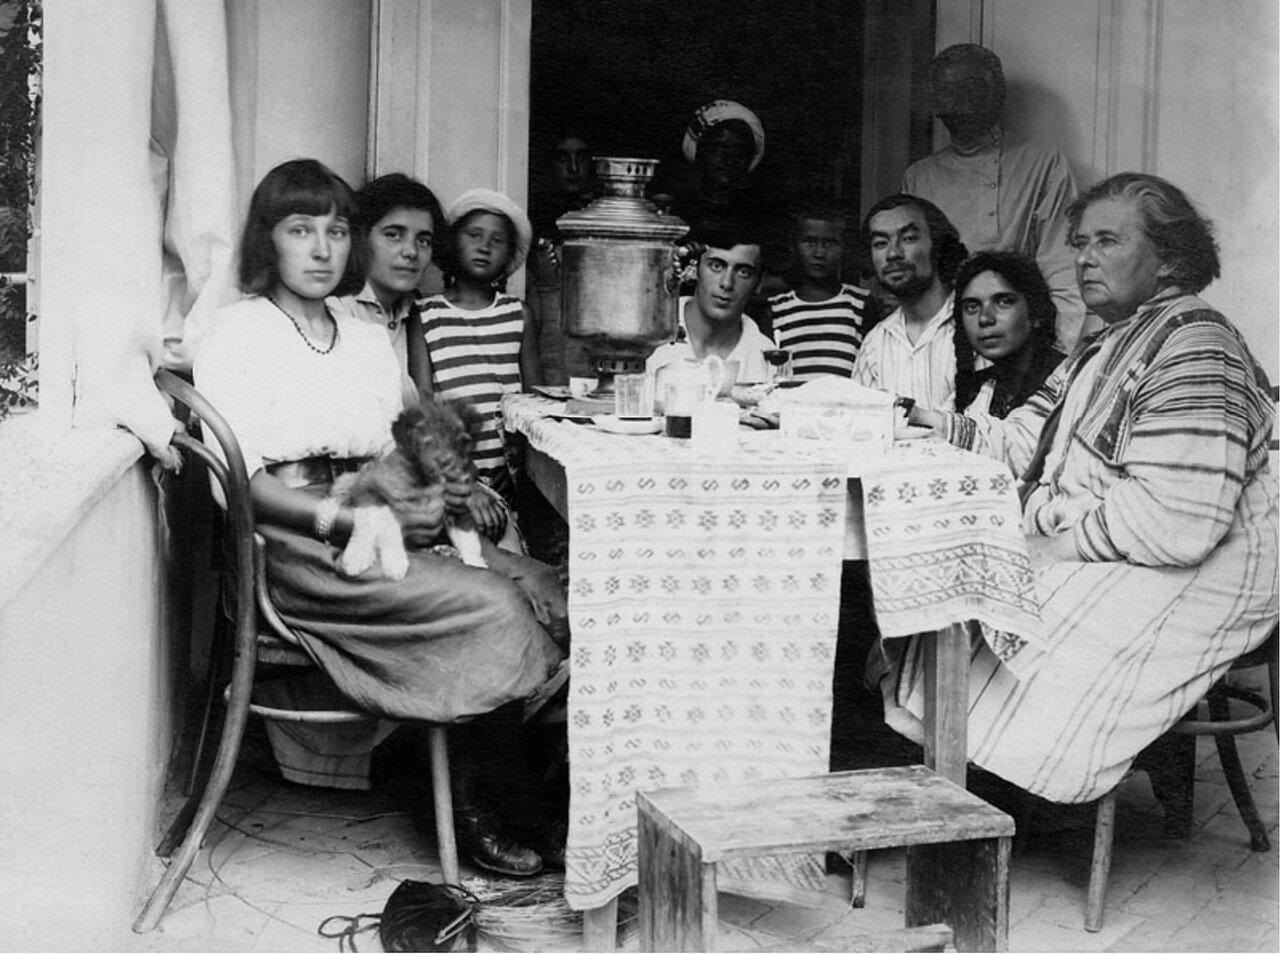 1910-е. Марина Цветаева и Сергей Эфрон за чайным столом в доме Максимилиана Волошина в Коктебеле